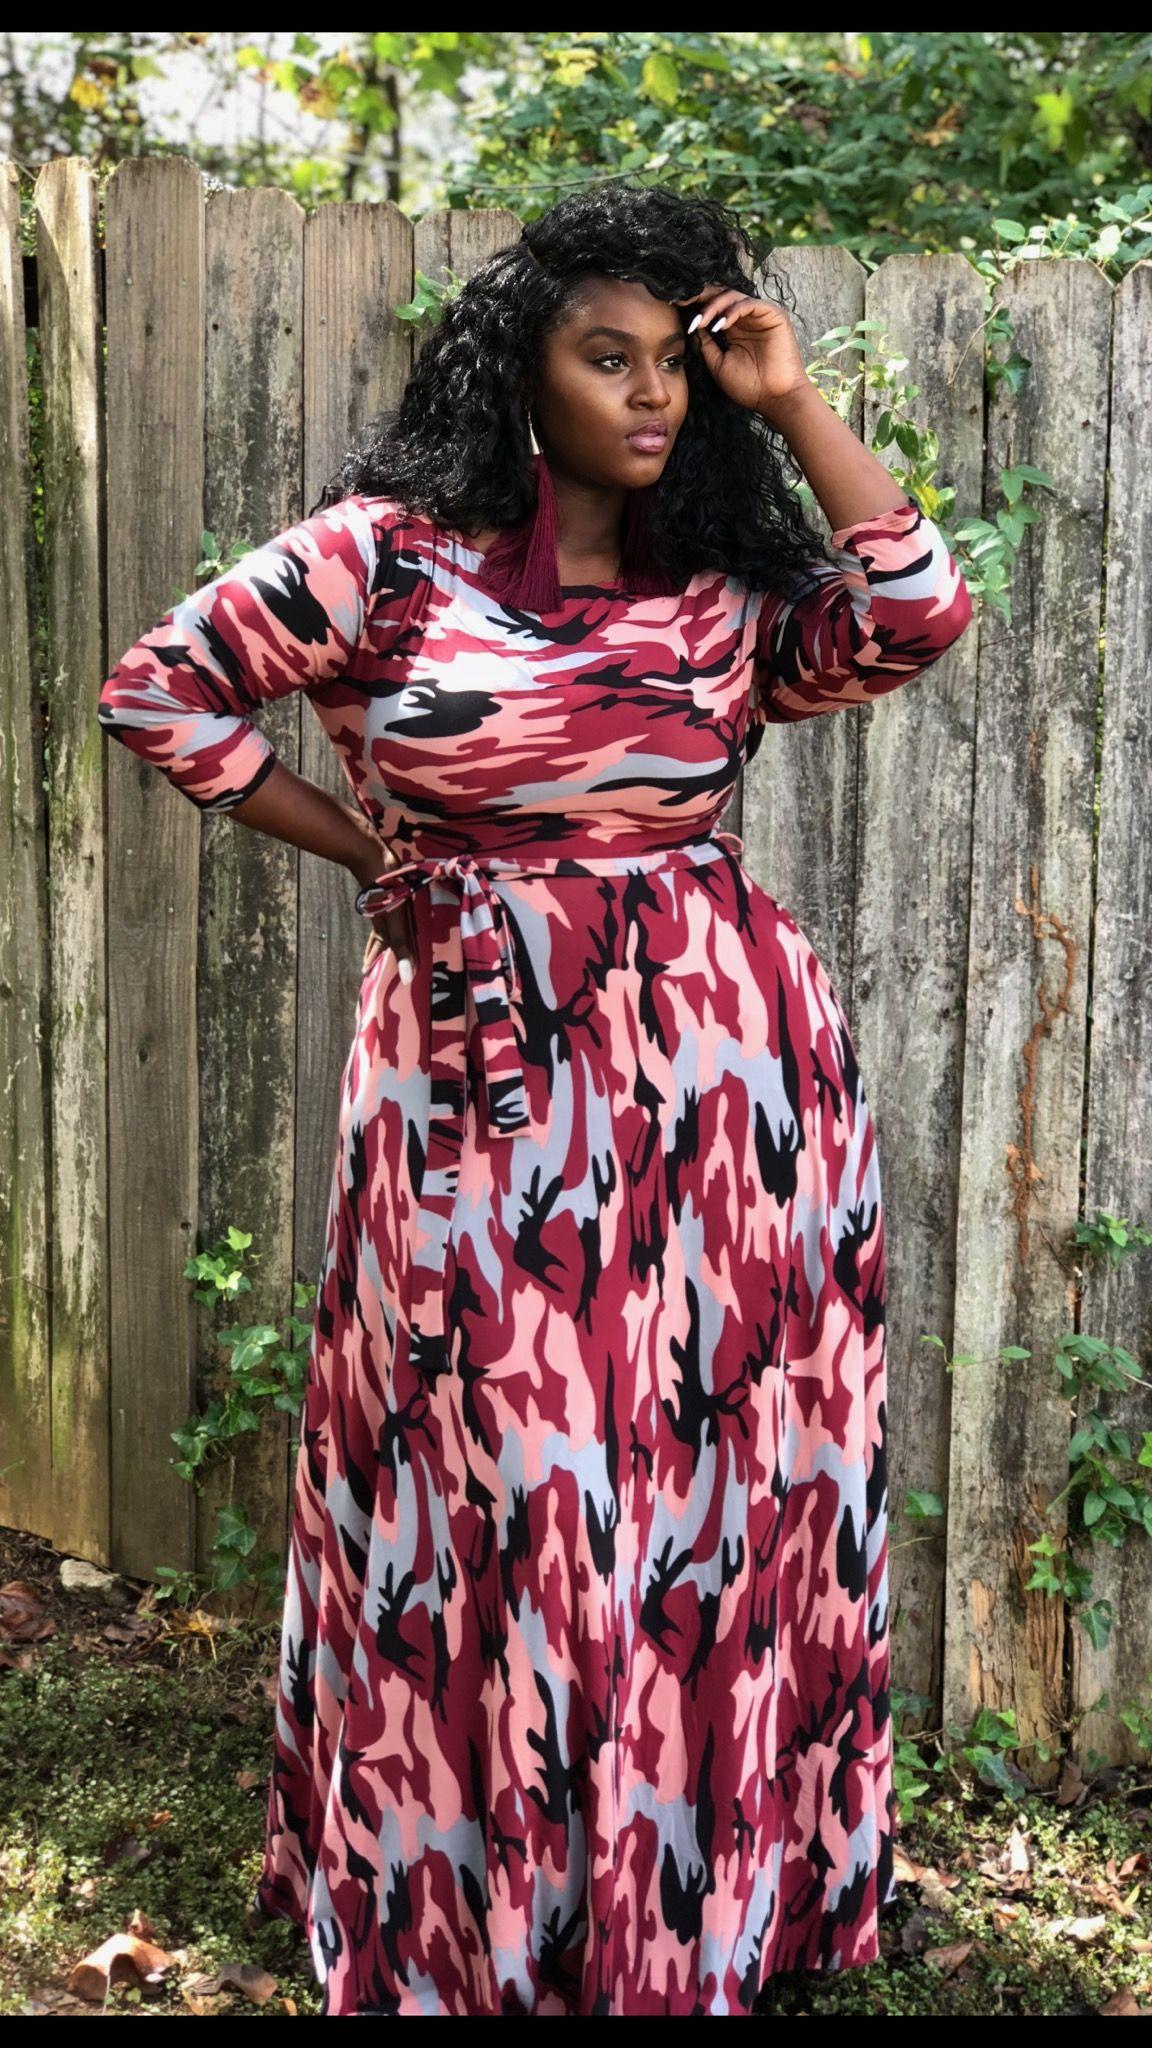 Lois Maxi Dress Stripe 5x Also In 6x 3x 1x 4x Maxi Dress Romantic Maxi Dress Striped Dress [ 4000 x 3000 Pixel ]